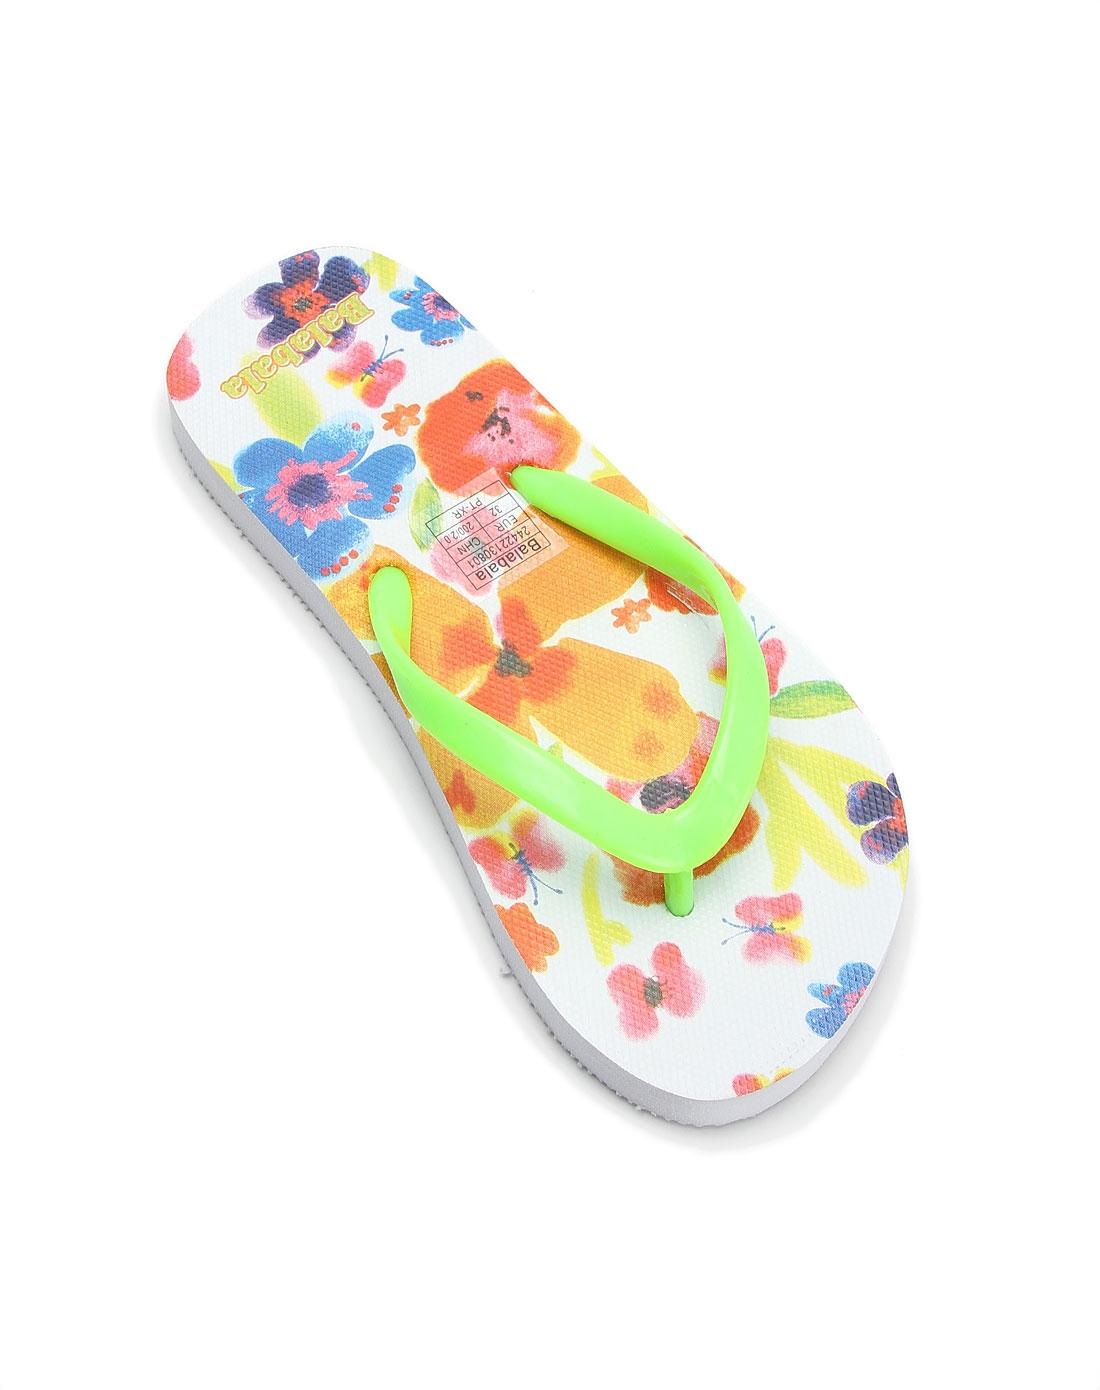 (价格问题)女童夏日清新白底黄绿色印花拖鞋